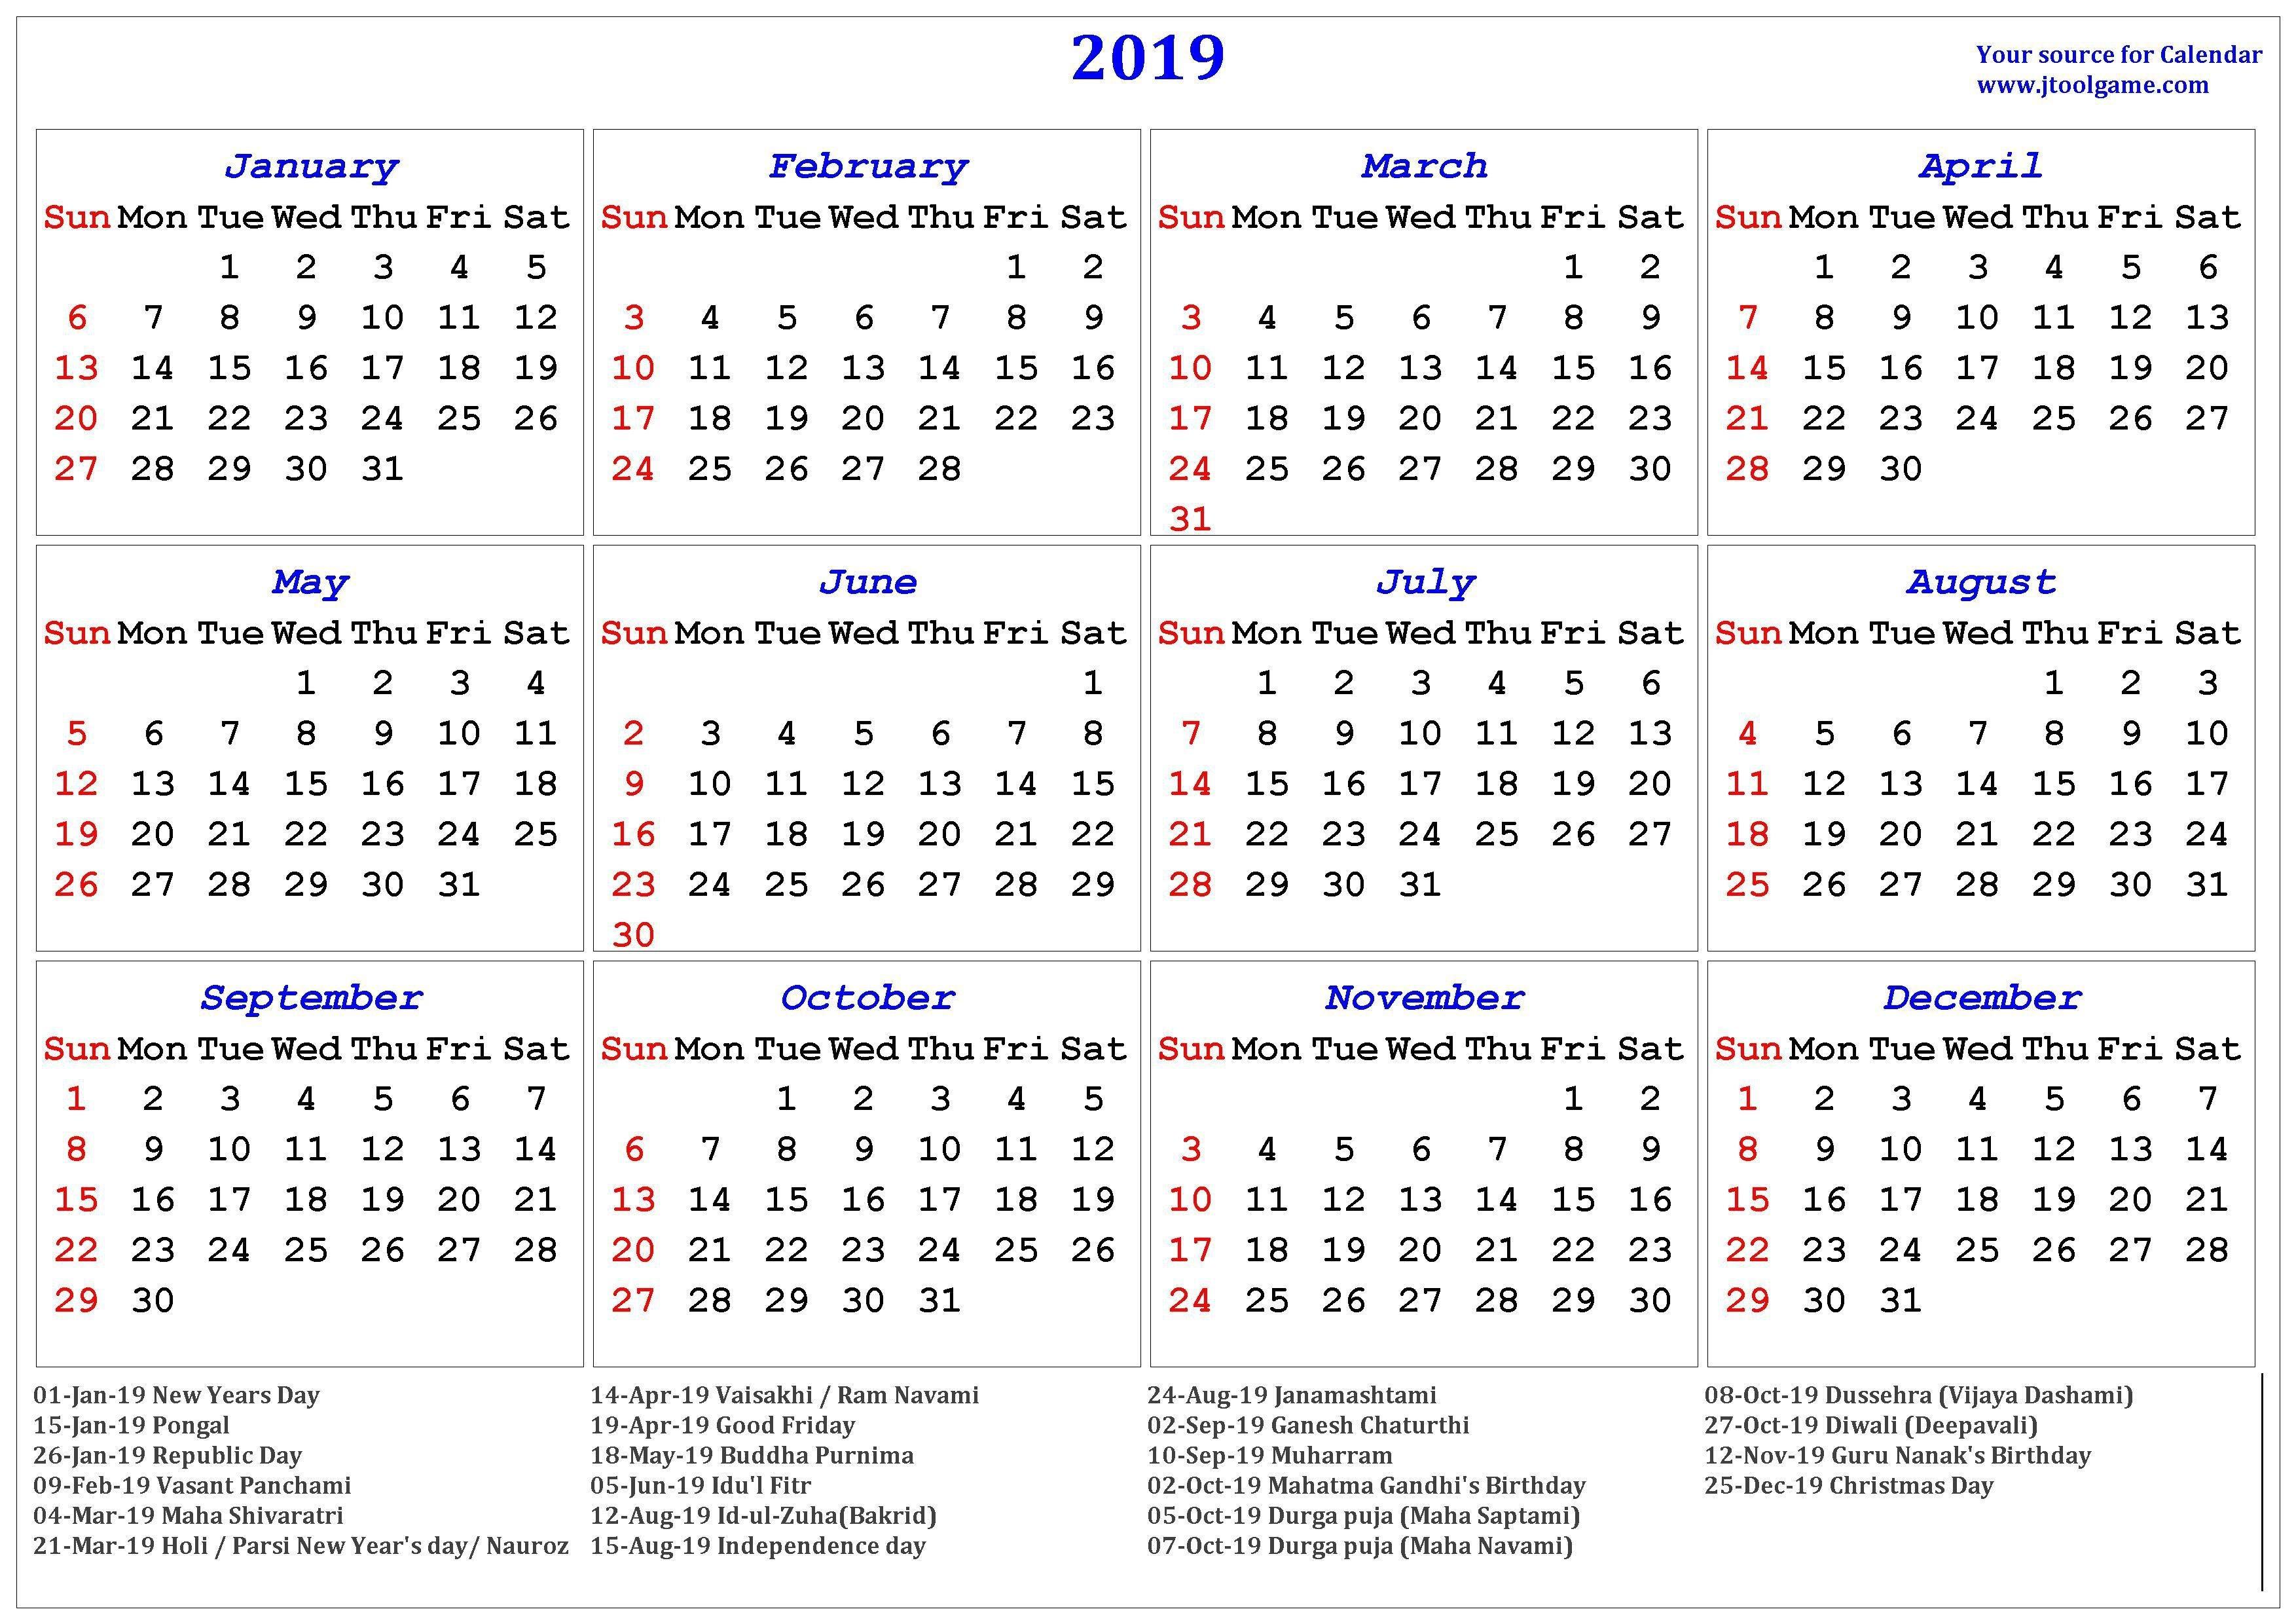 2019 Hindu Calendar With Tithi | Tyohar, Holidays, Festivals Calendar 2019 Hindu